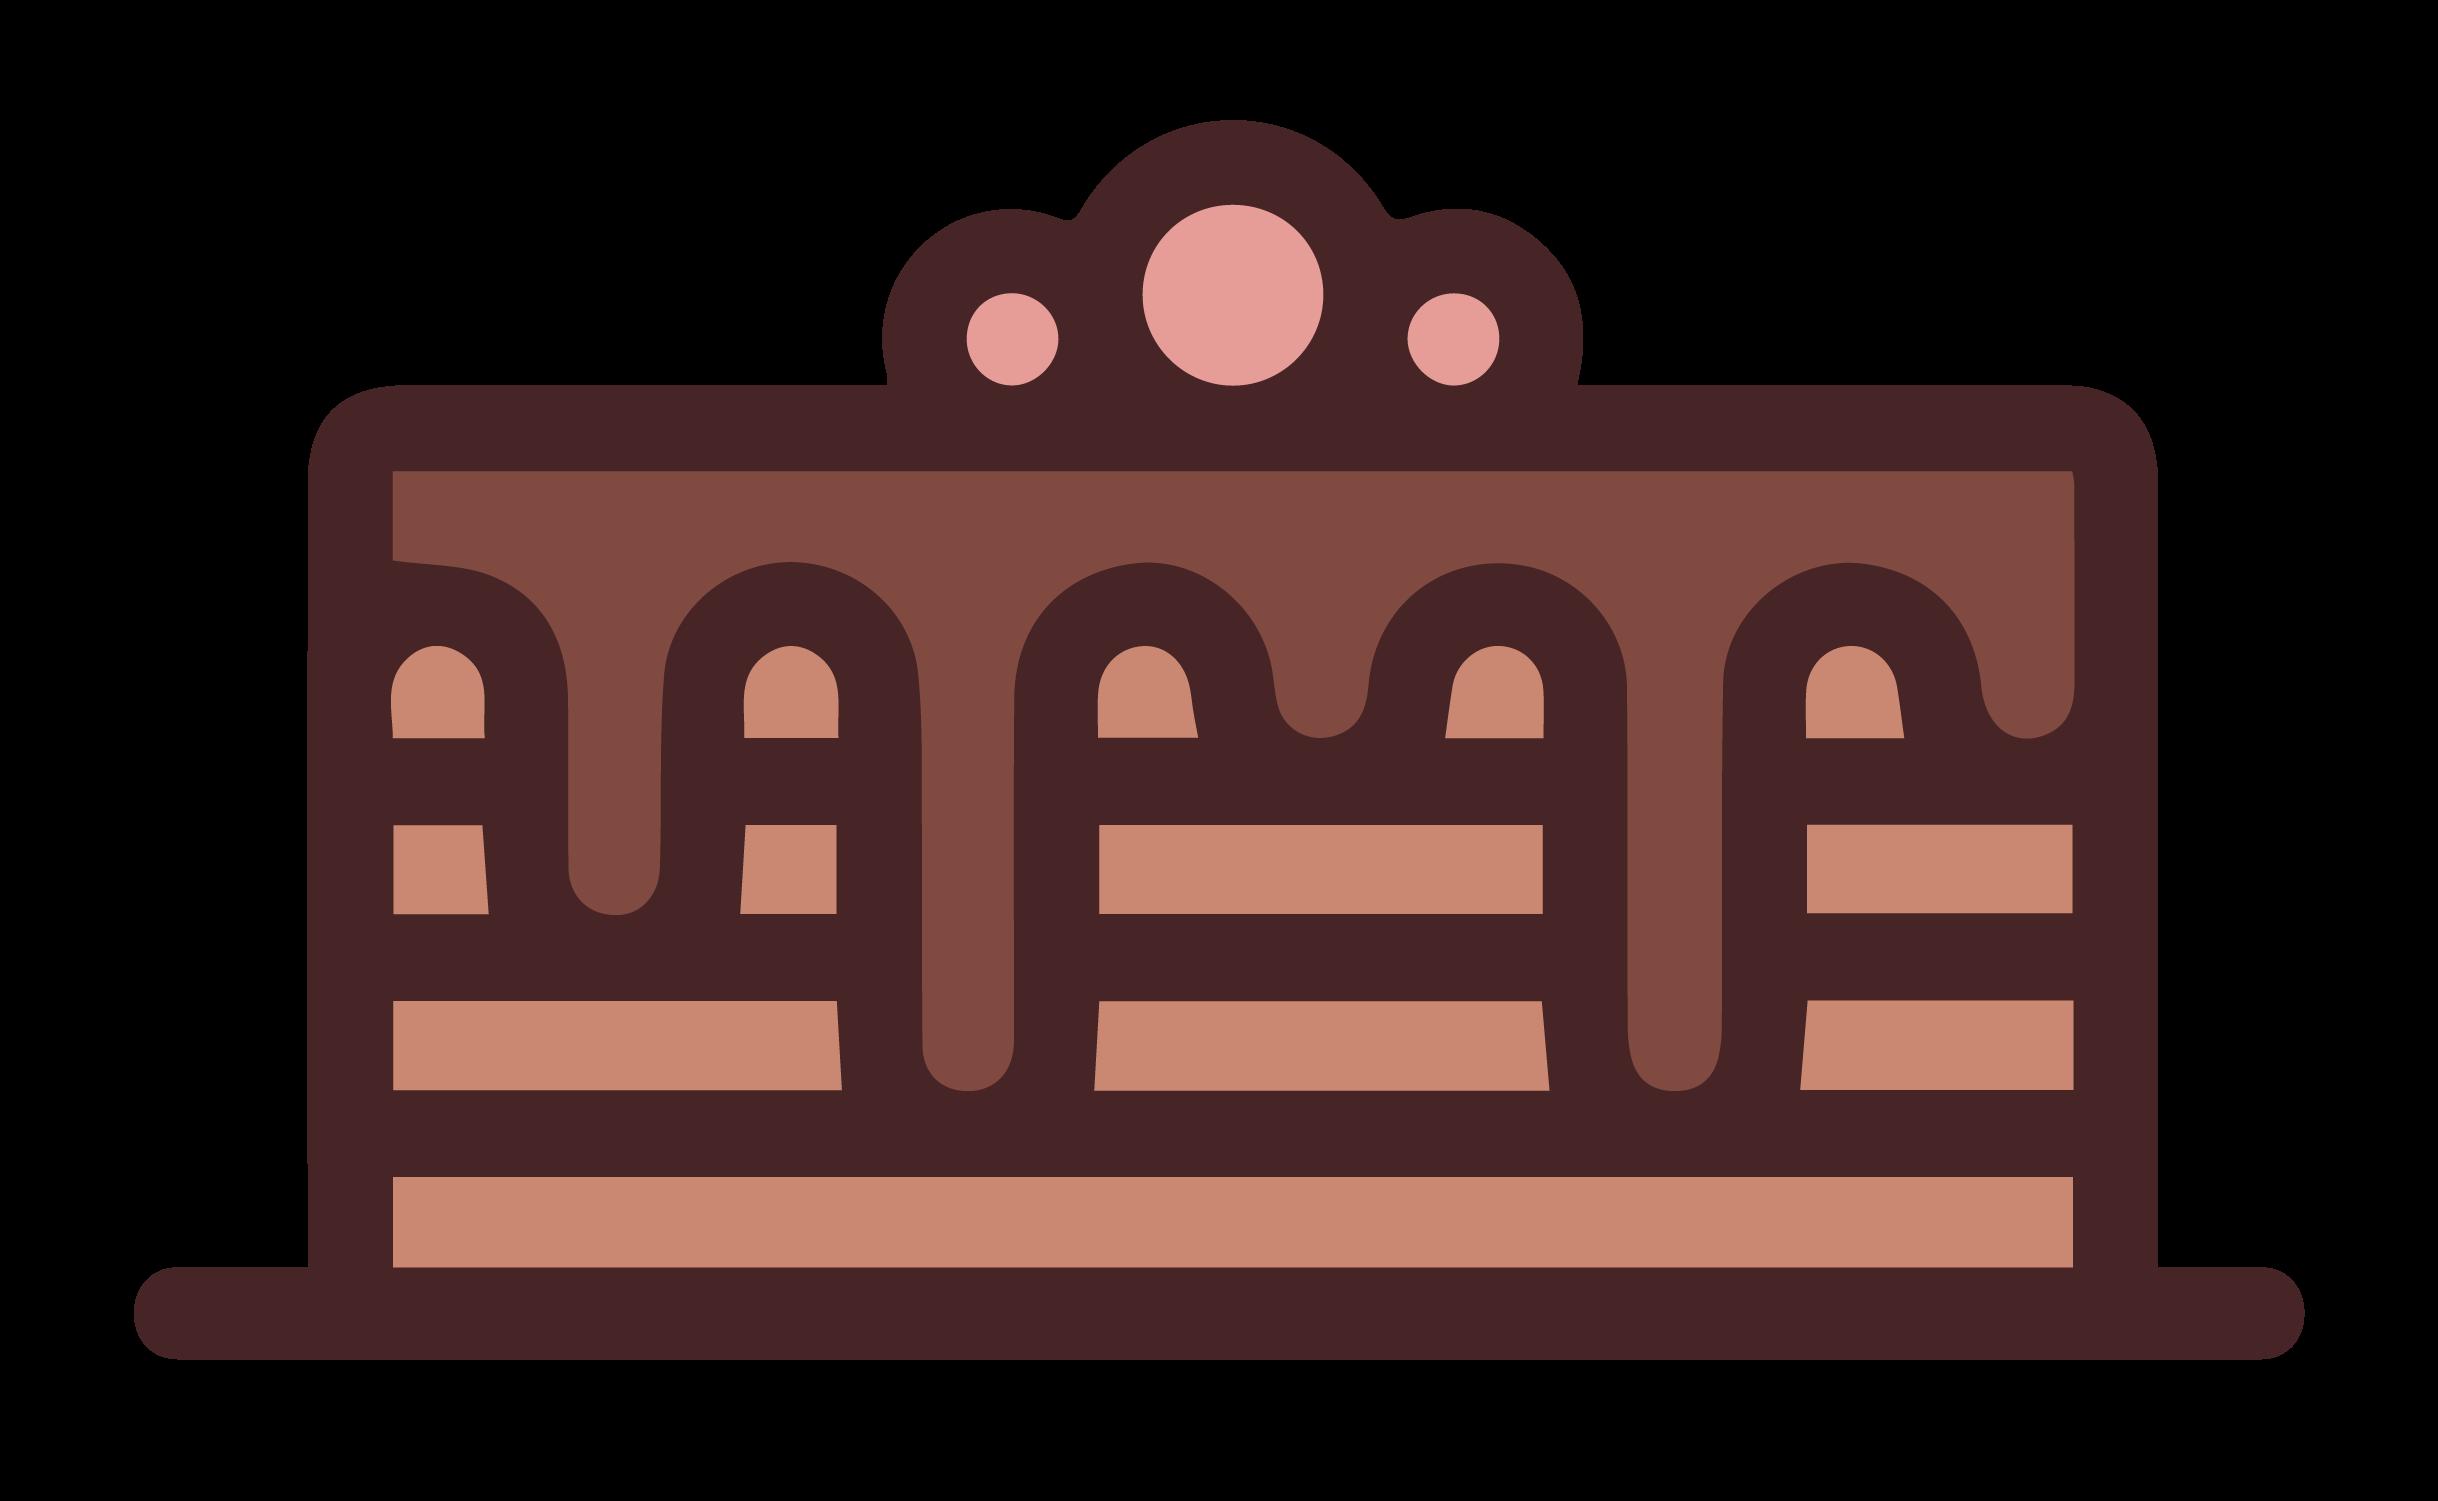 cake-fav-15.png